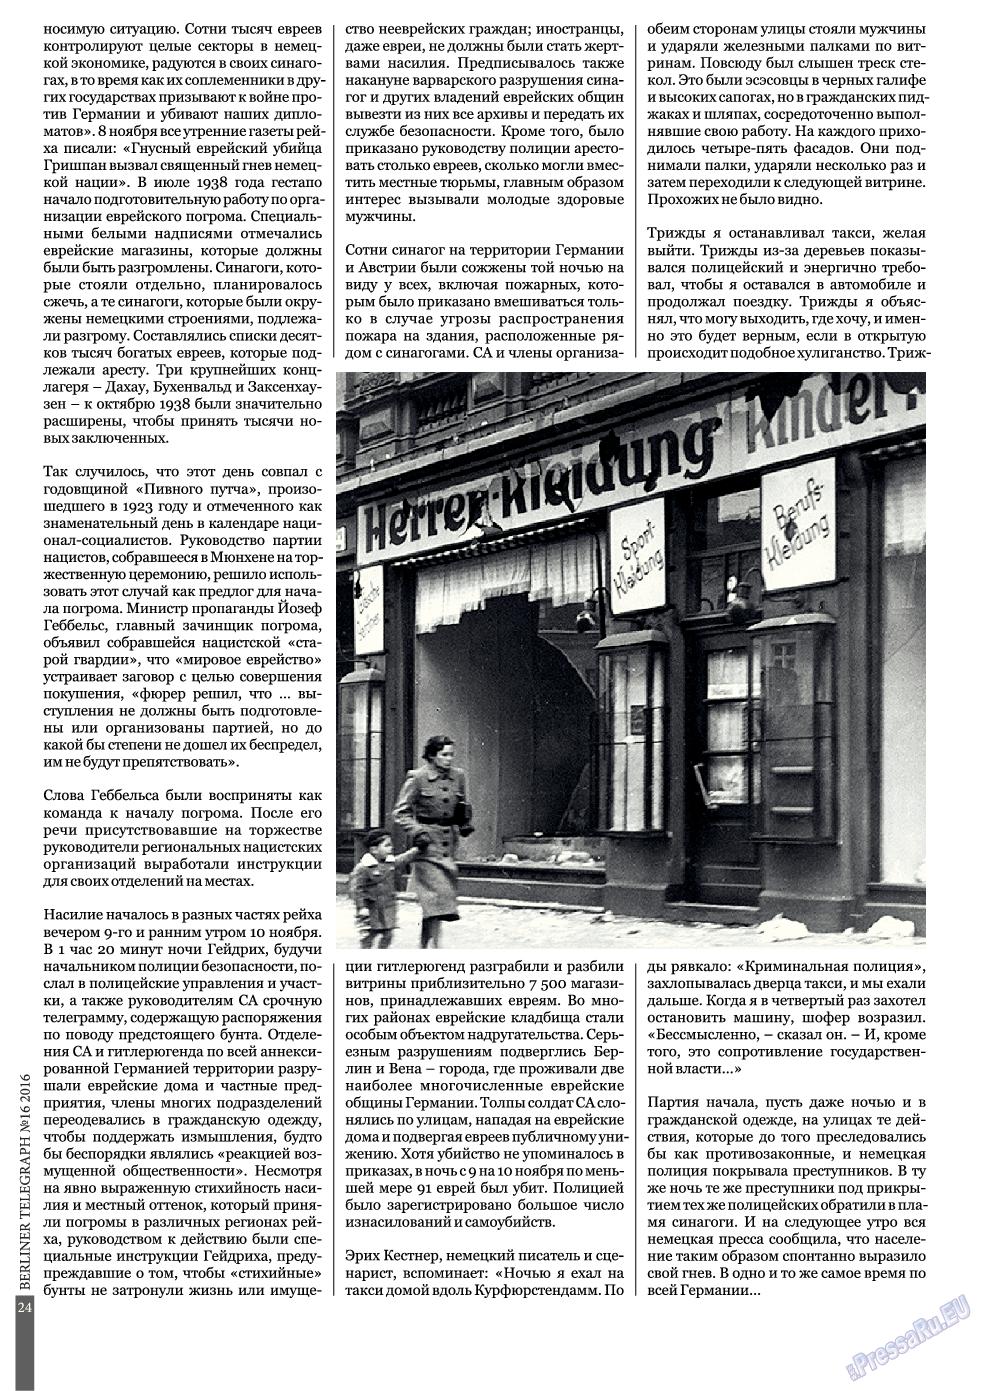 Берлинский телеграф (журнал). 2016 год, номер 16, стр. 24